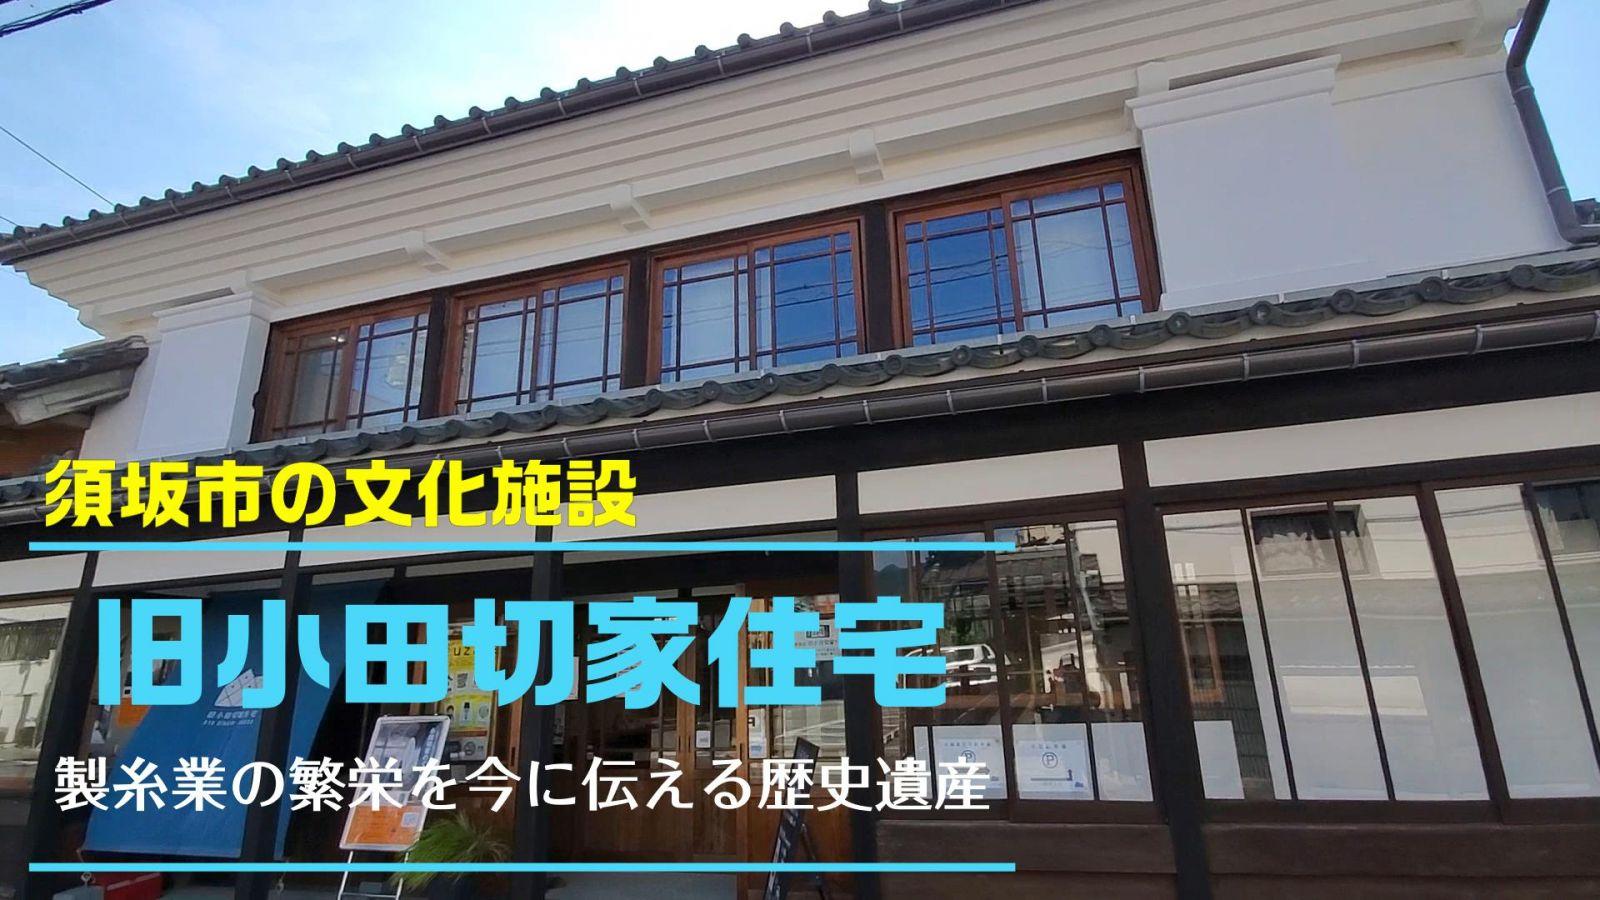 旧小田切家住宅